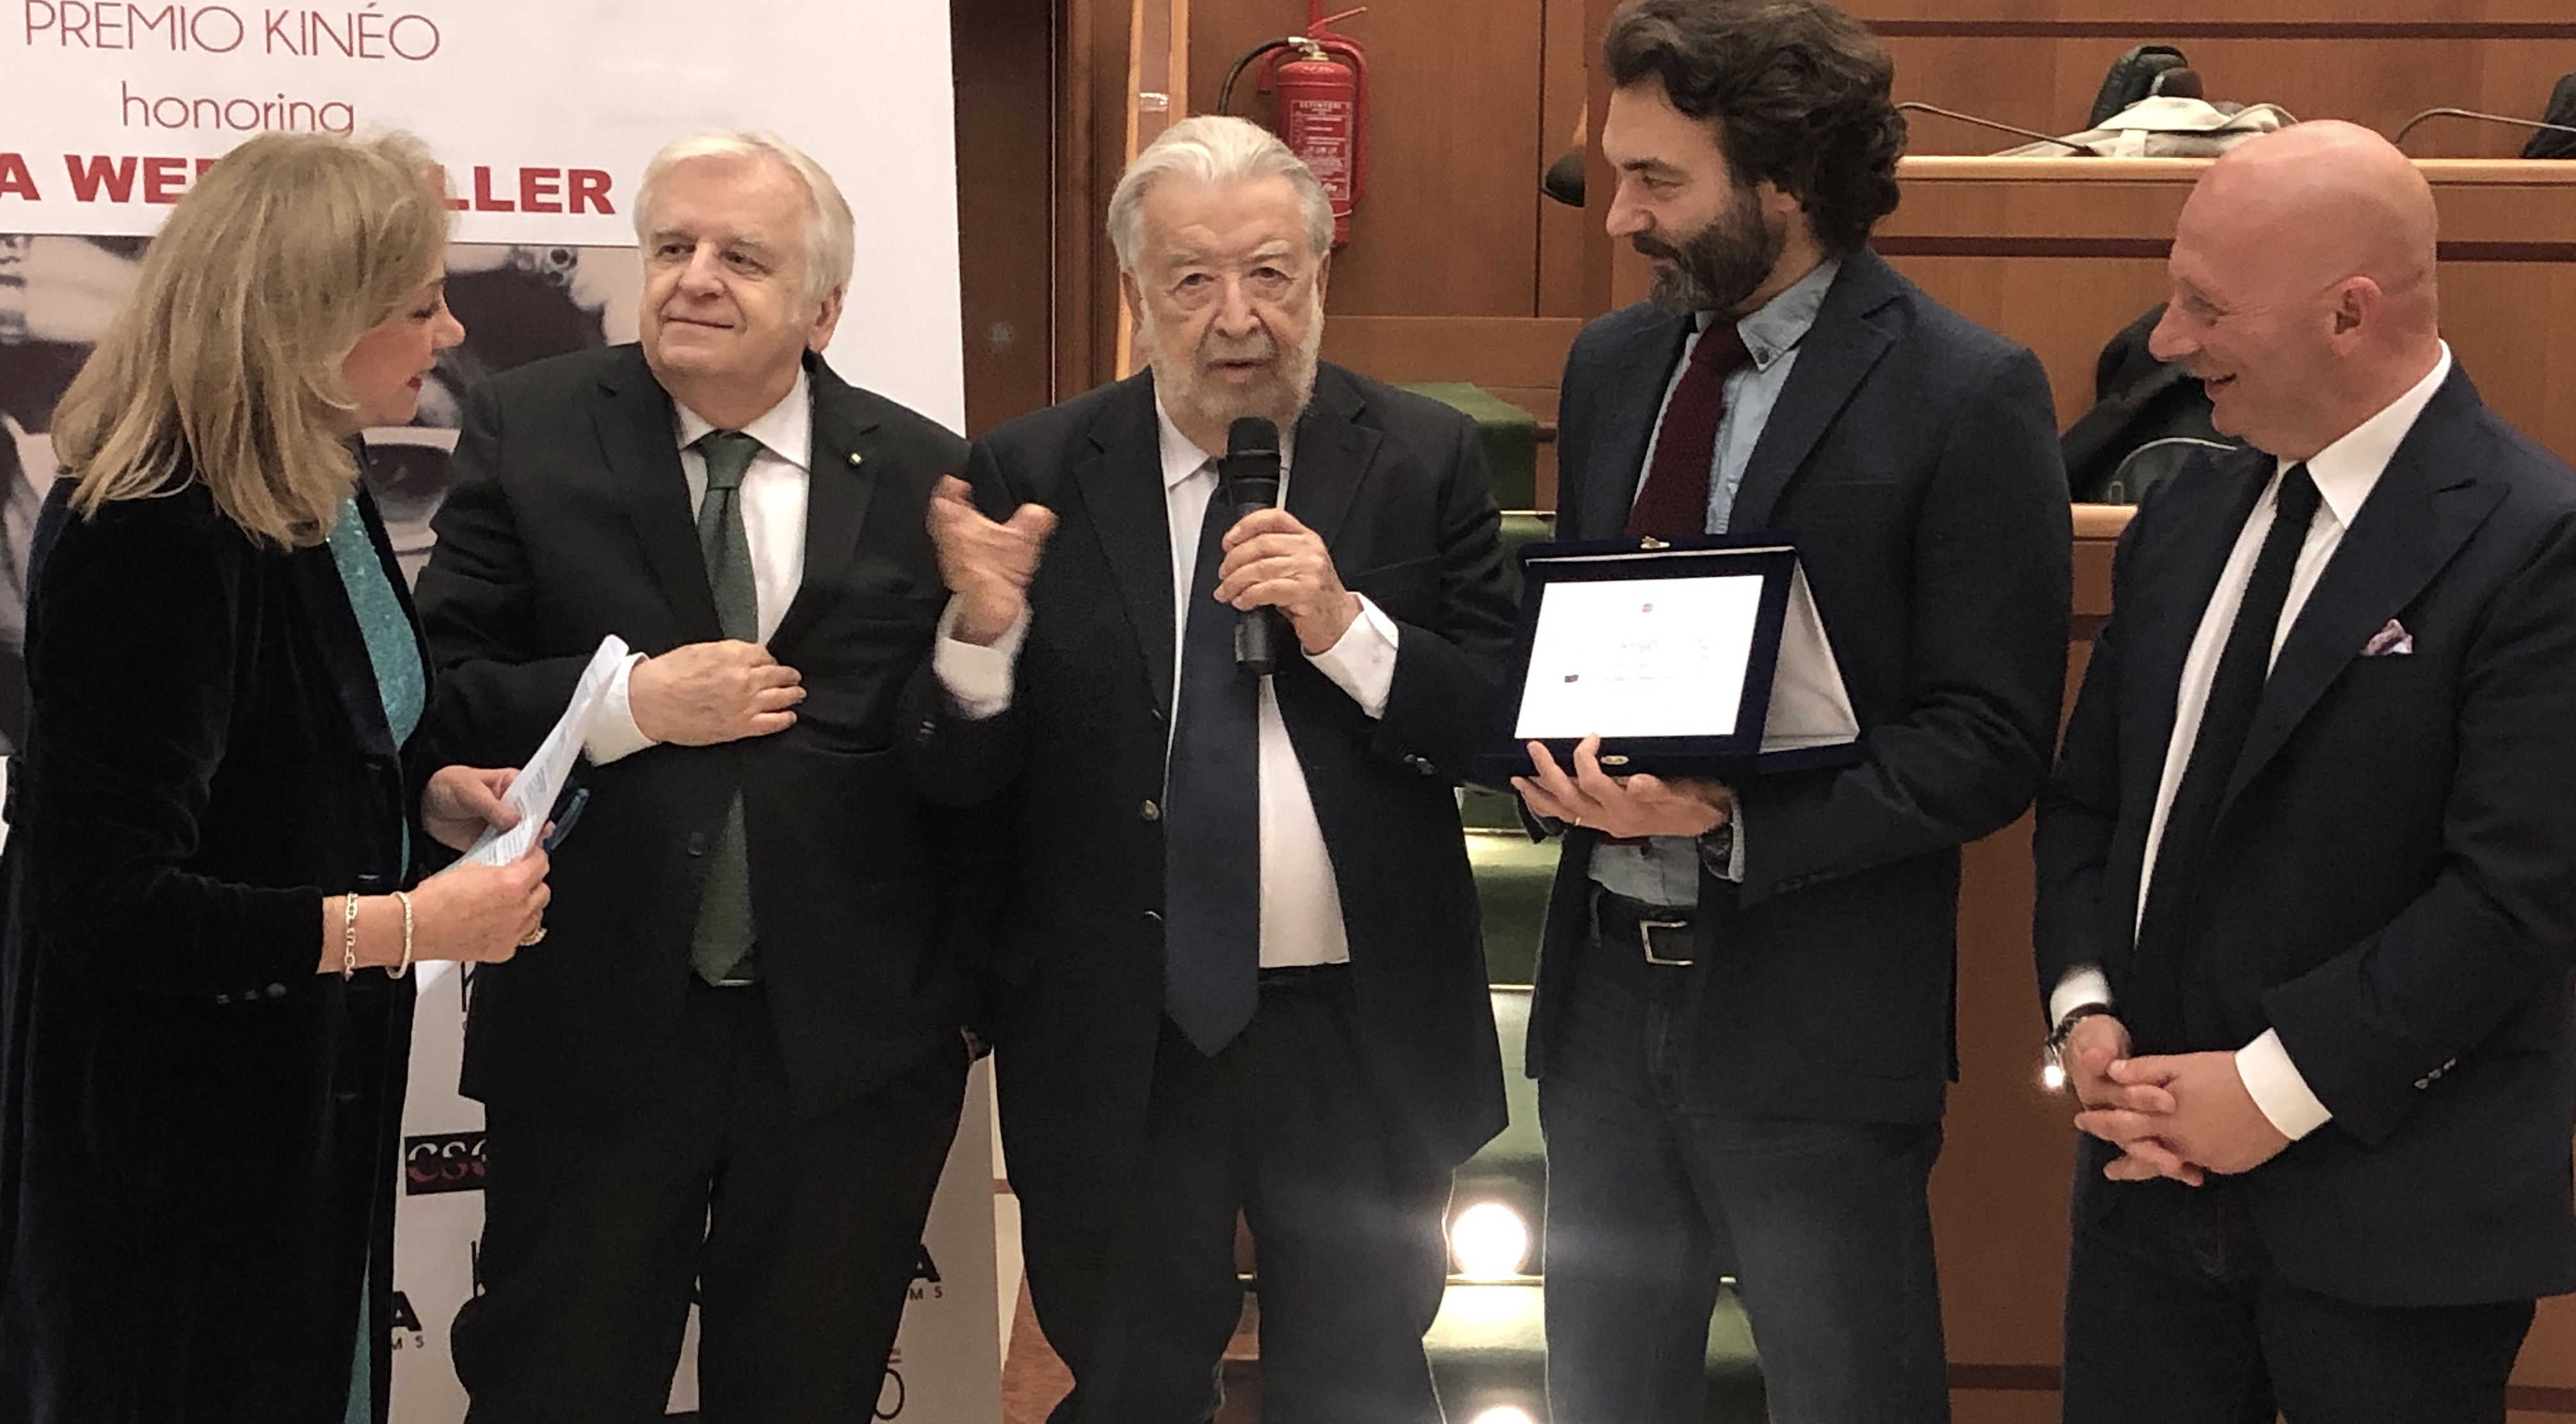 Pupi Avati al Premio Kinèo Credit by: Hai sentito che musica